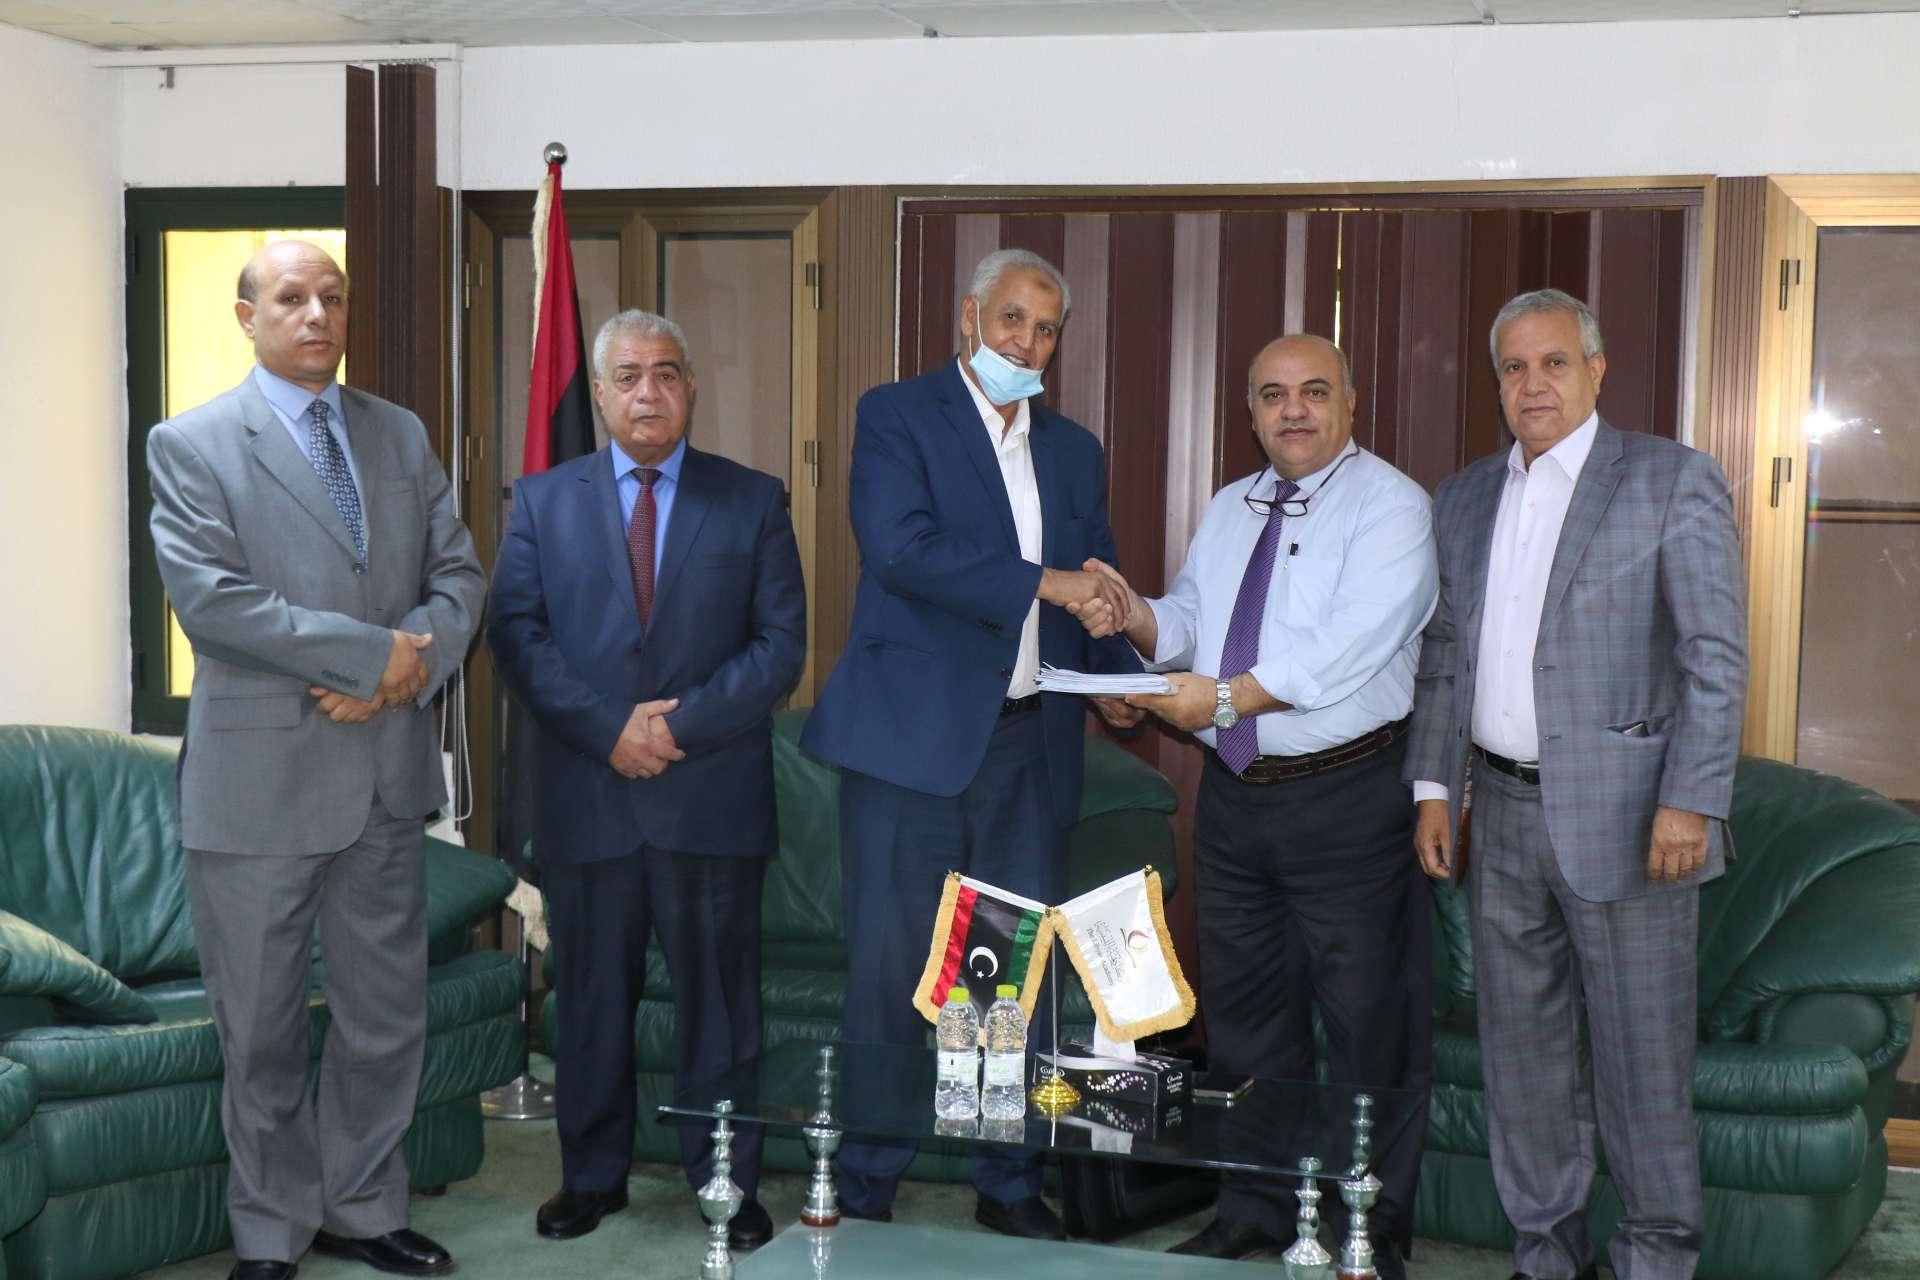 رئيس لجنة دمج فروع الأكاديمية الليبية للدراسات العليا بالمنطقة الشرقية يقدم التقرير النهائي لرئيس الأكاديمية.